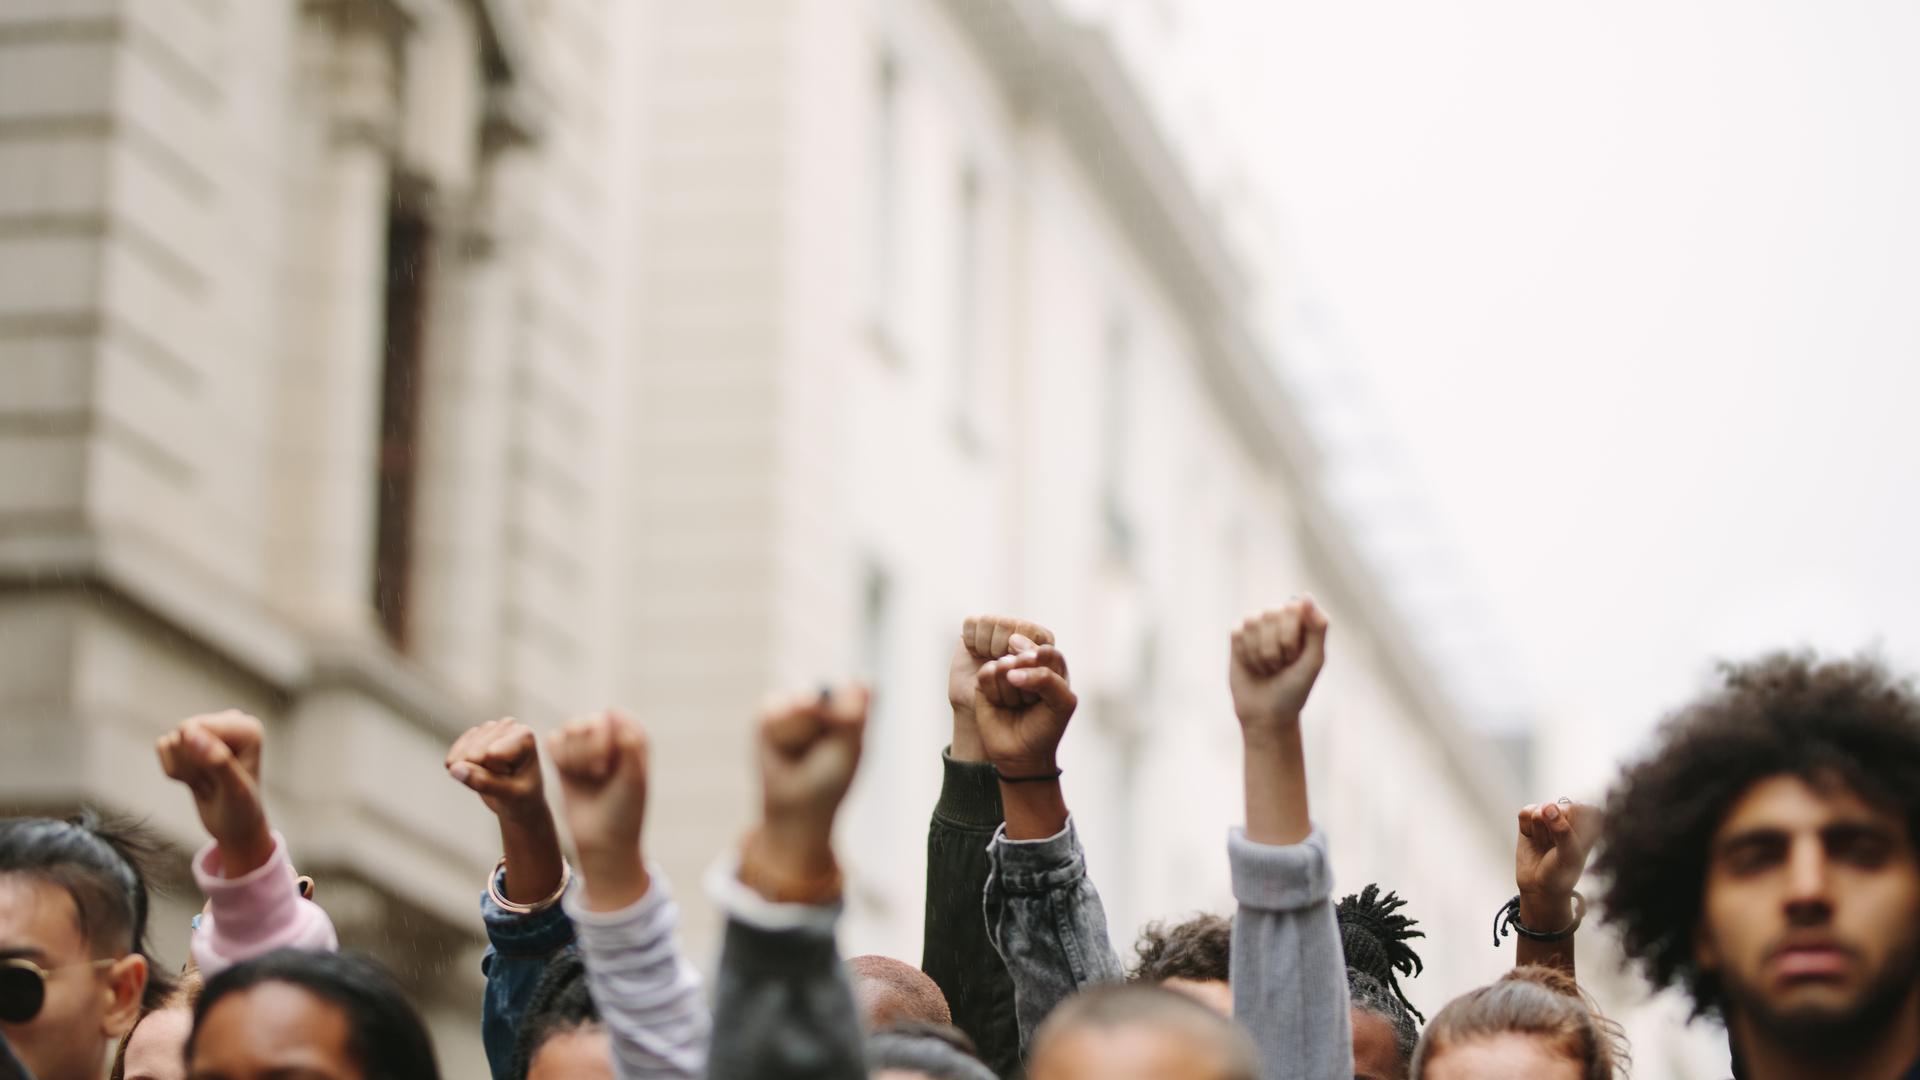 Punhos de grupo de manifestantes erguidos no ar